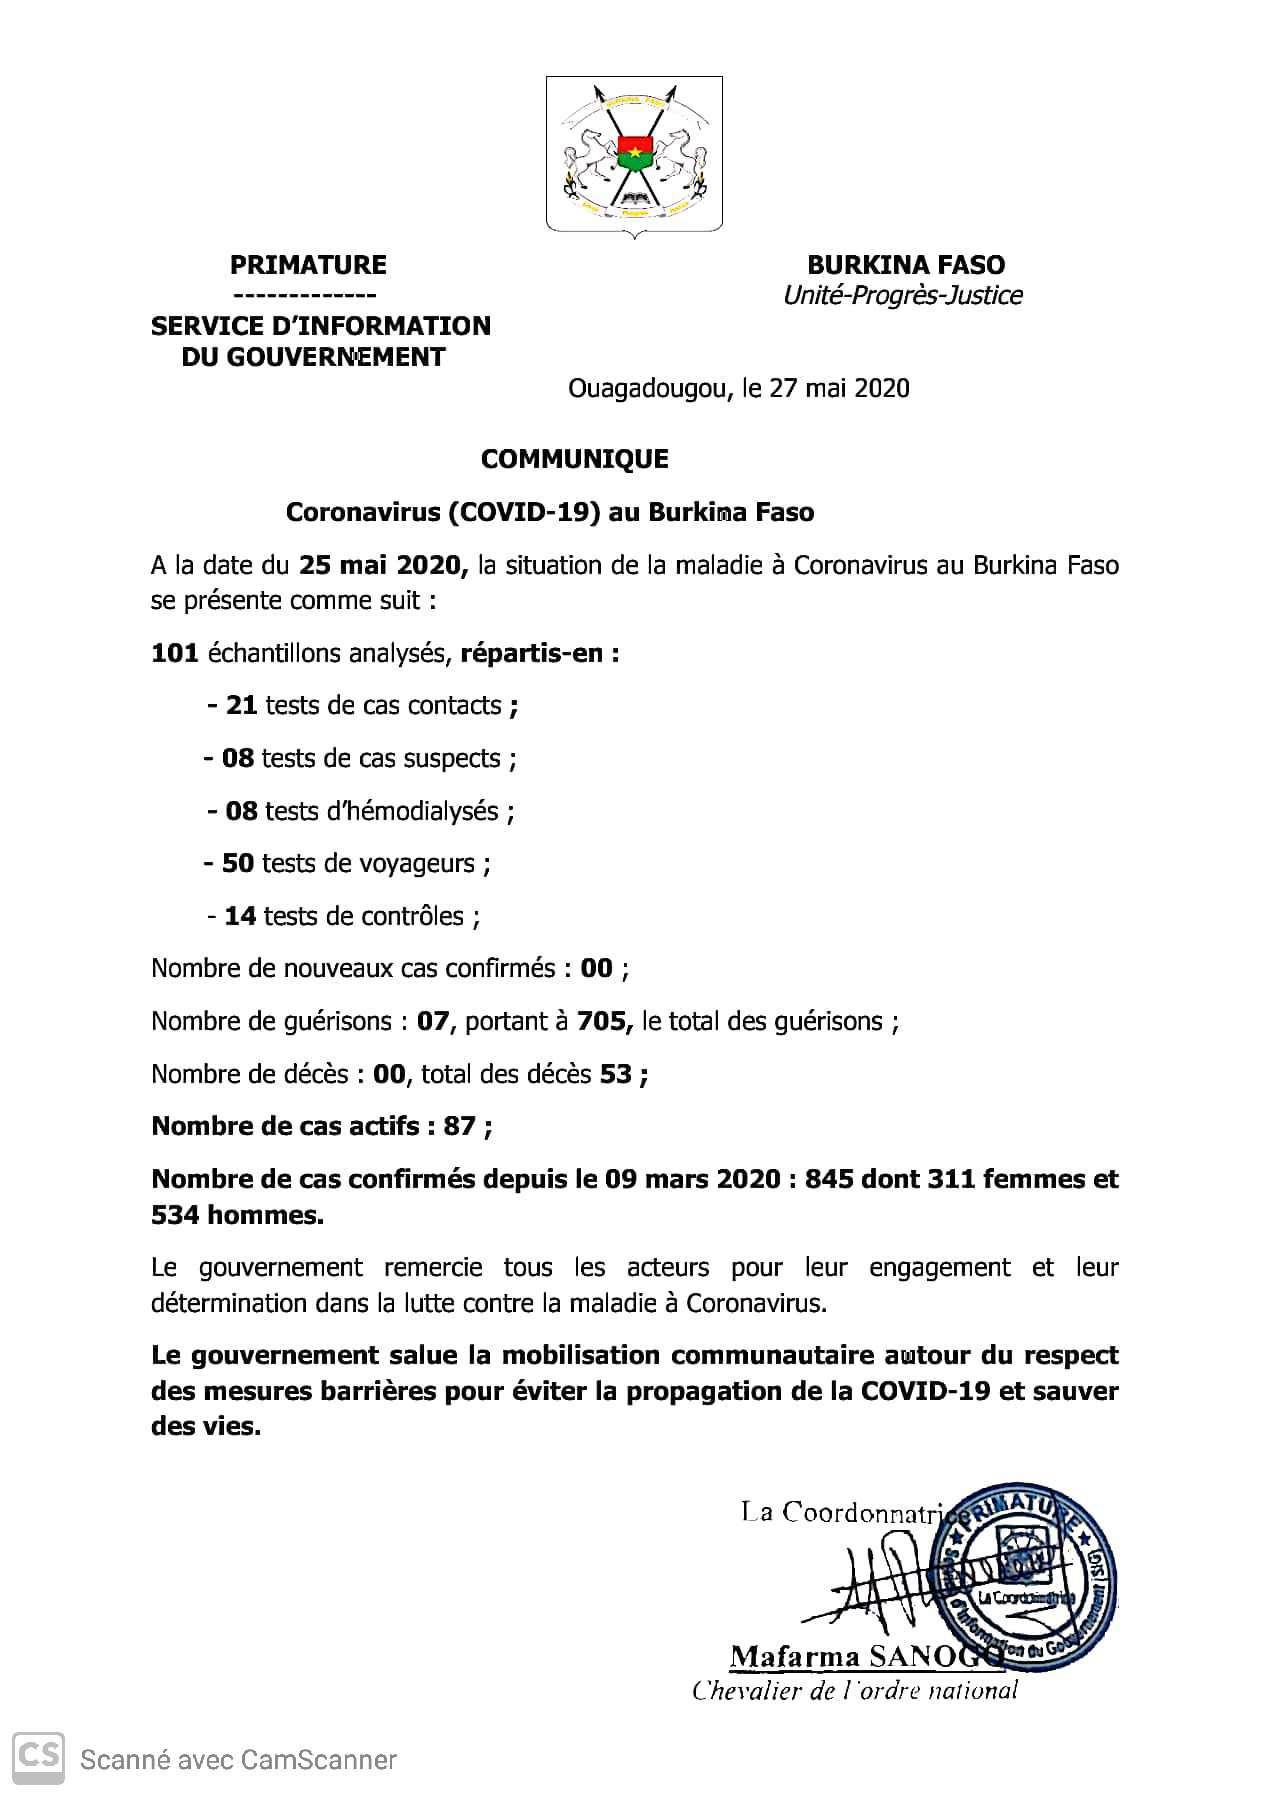 BURKINA : 00 nouvel cas confirmé, 07 guérisons et 00 décès à la date du 25 mai